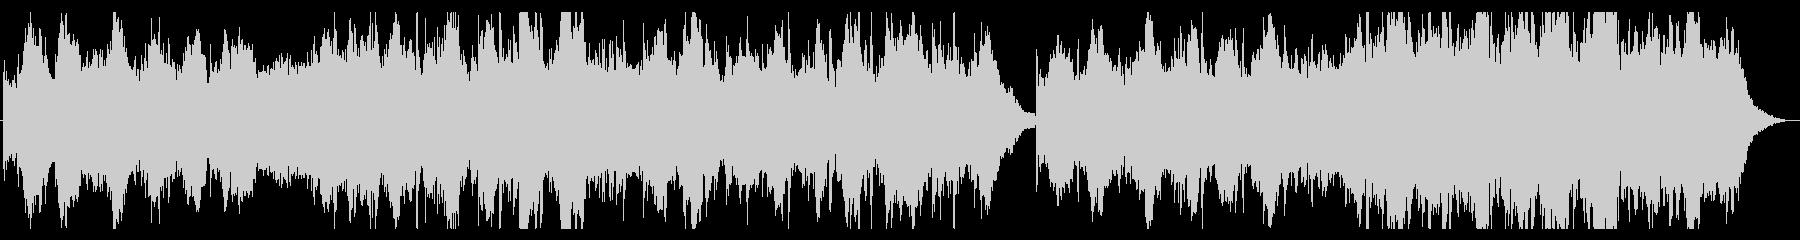 幻想的なクリスタルをイメージしたBGMの未再生の波形